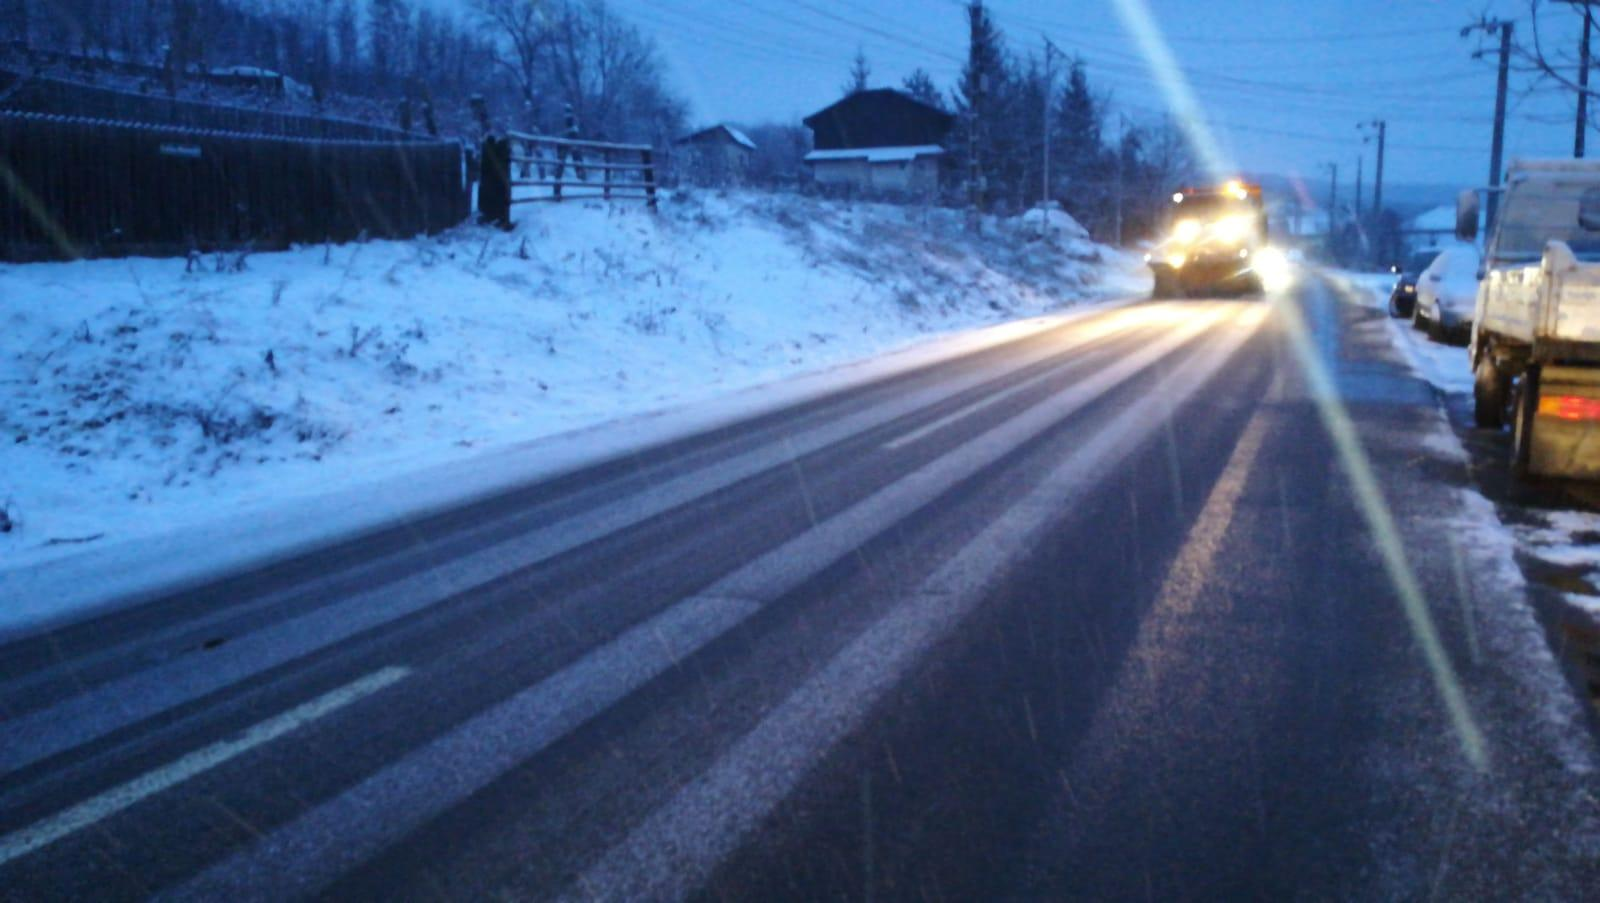 Intervenții ale drumarilor pe șoselele din zona Moldovei. Ninsori moderate până luni după-amiază